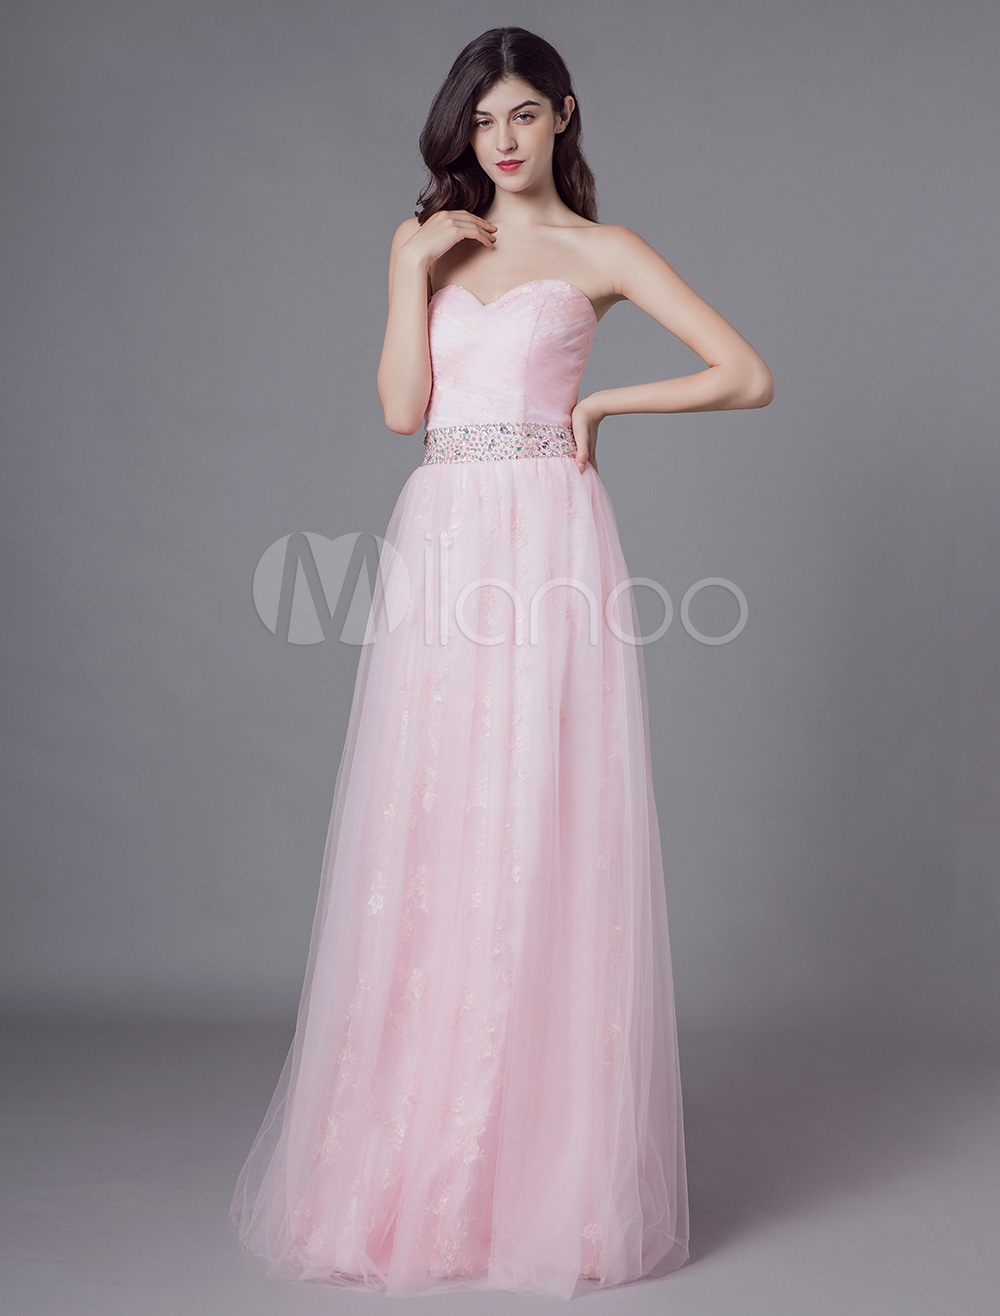 watch ddb91 5f1e2 Abiti da sera Lungo Tulle Morbido Rosa Senza spalline Perline Maxi Vestito  da cerimonia formale